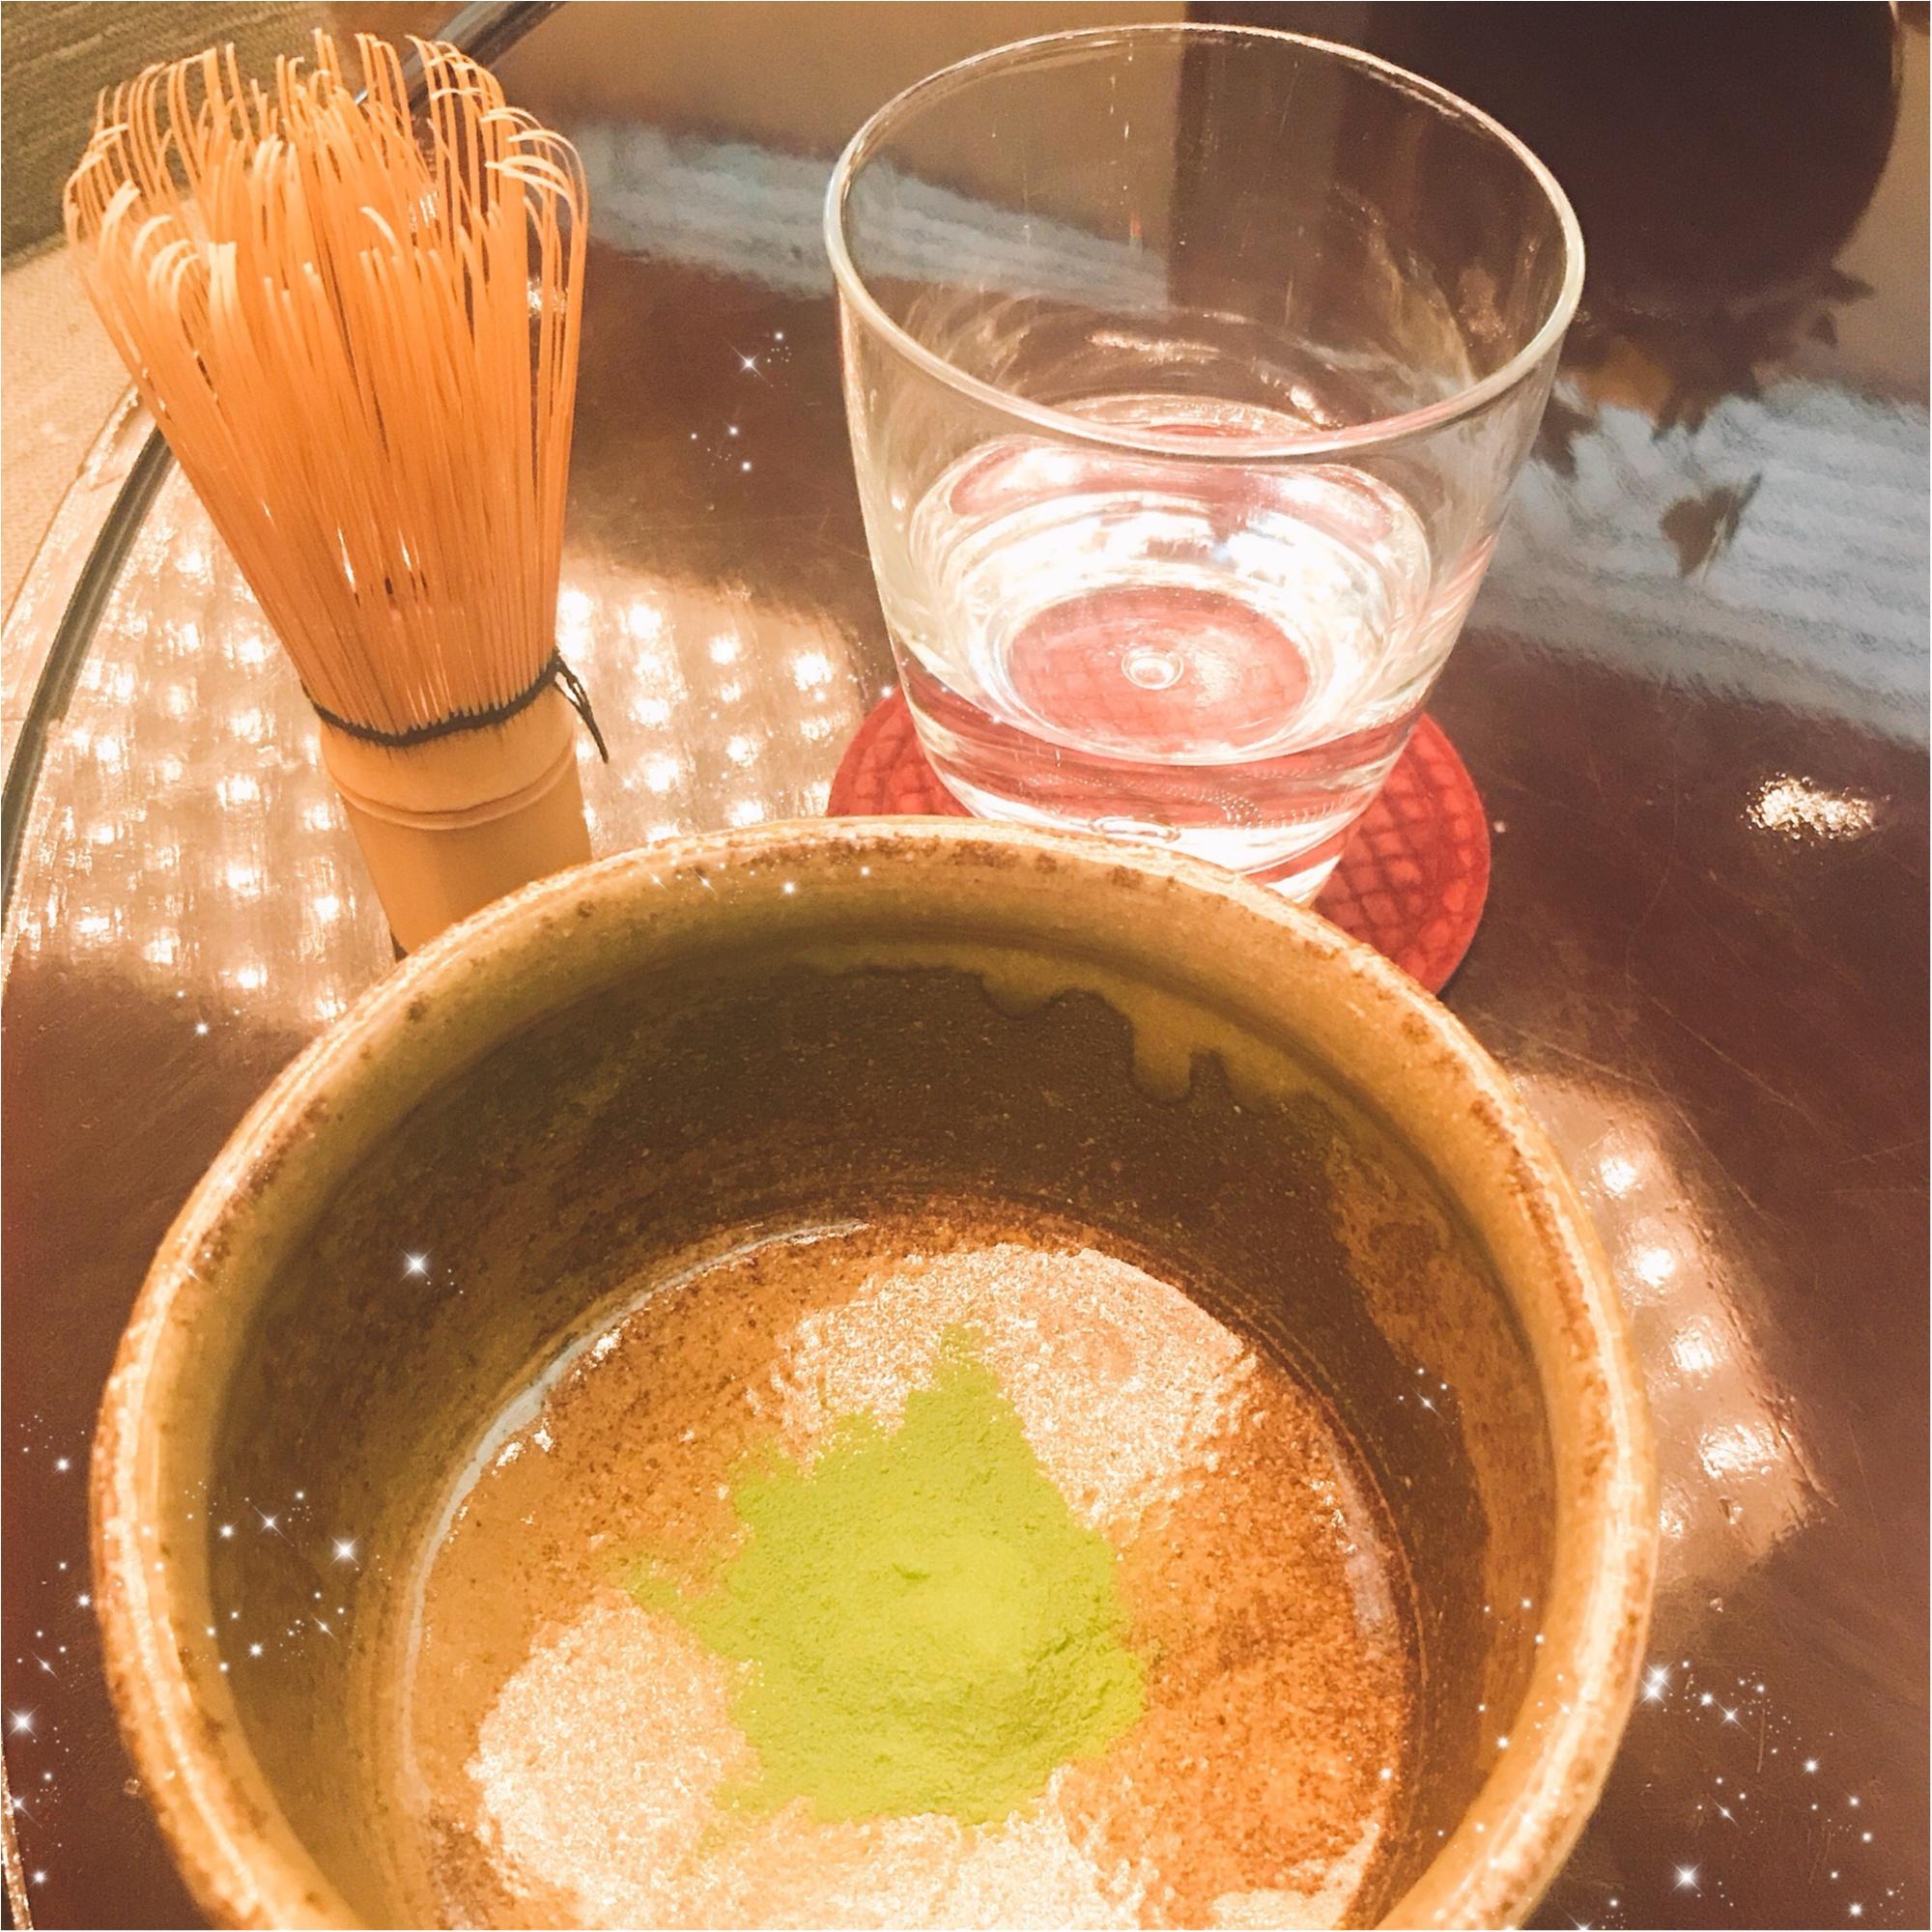 期間限定!抹茶好きにはたまらない、ANAインターコンチネンタルホテル東京の抹茶アフタヌーンティー。_2